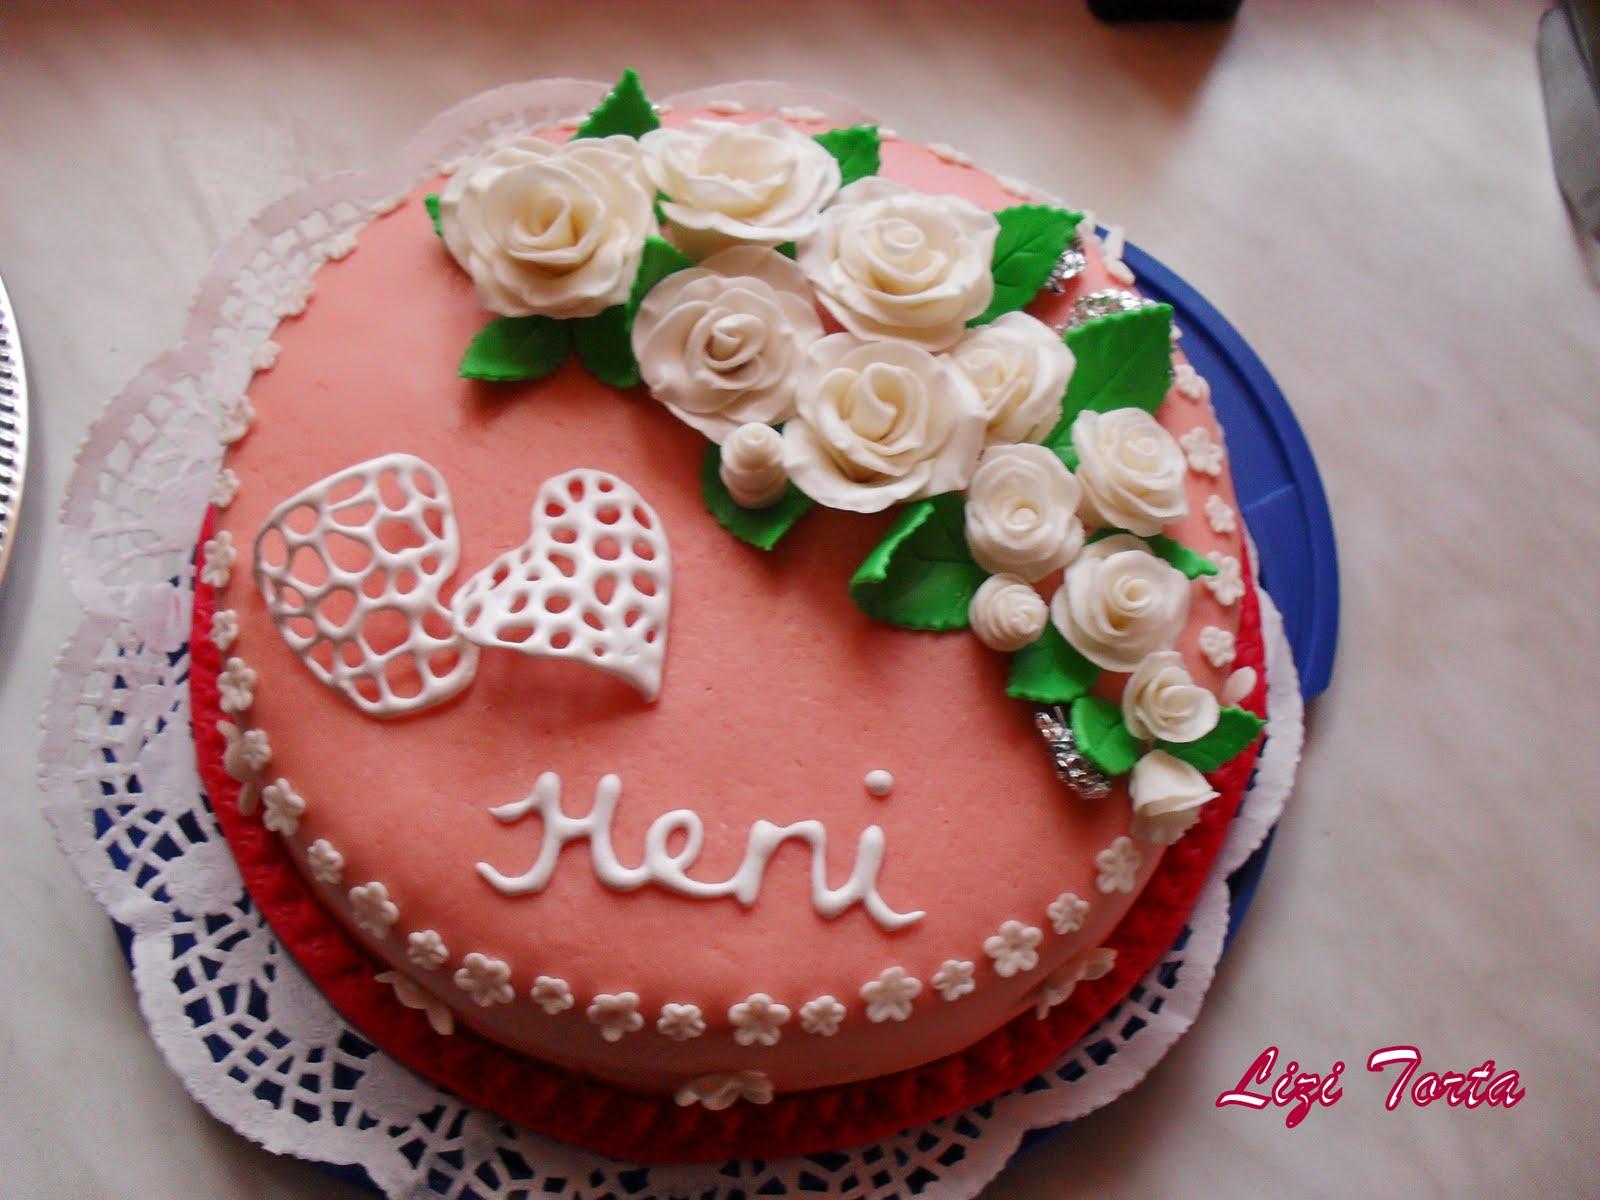 szülinapi torta barátnőnek Lizi Tortái: Születésnapi Rózsás torta szülinapi torta barátnőnek